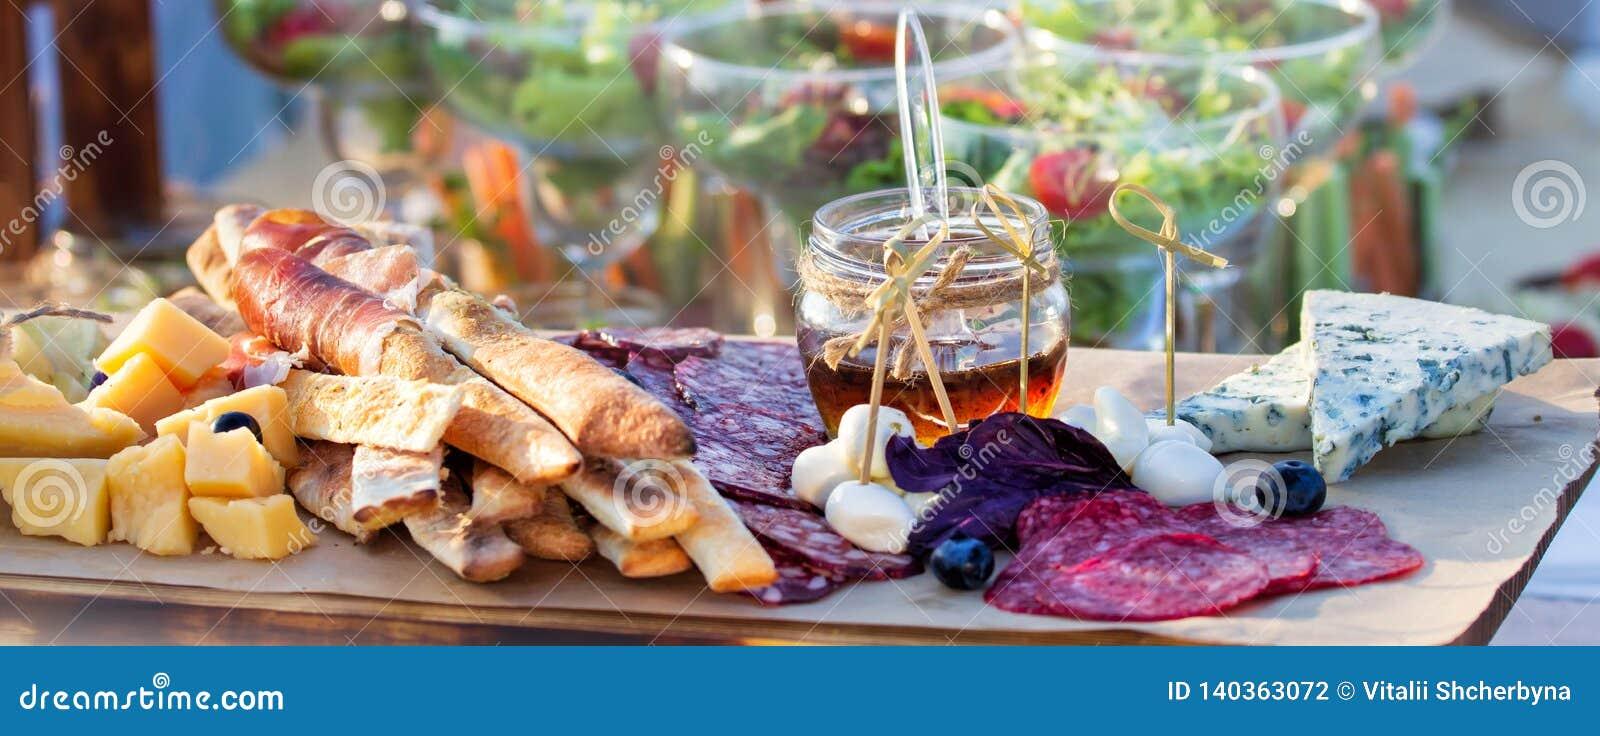 Abastecimiento de la comida fría de la comida que cena comiendo el partido que comparte concepto La gente agrupa la comida de aba